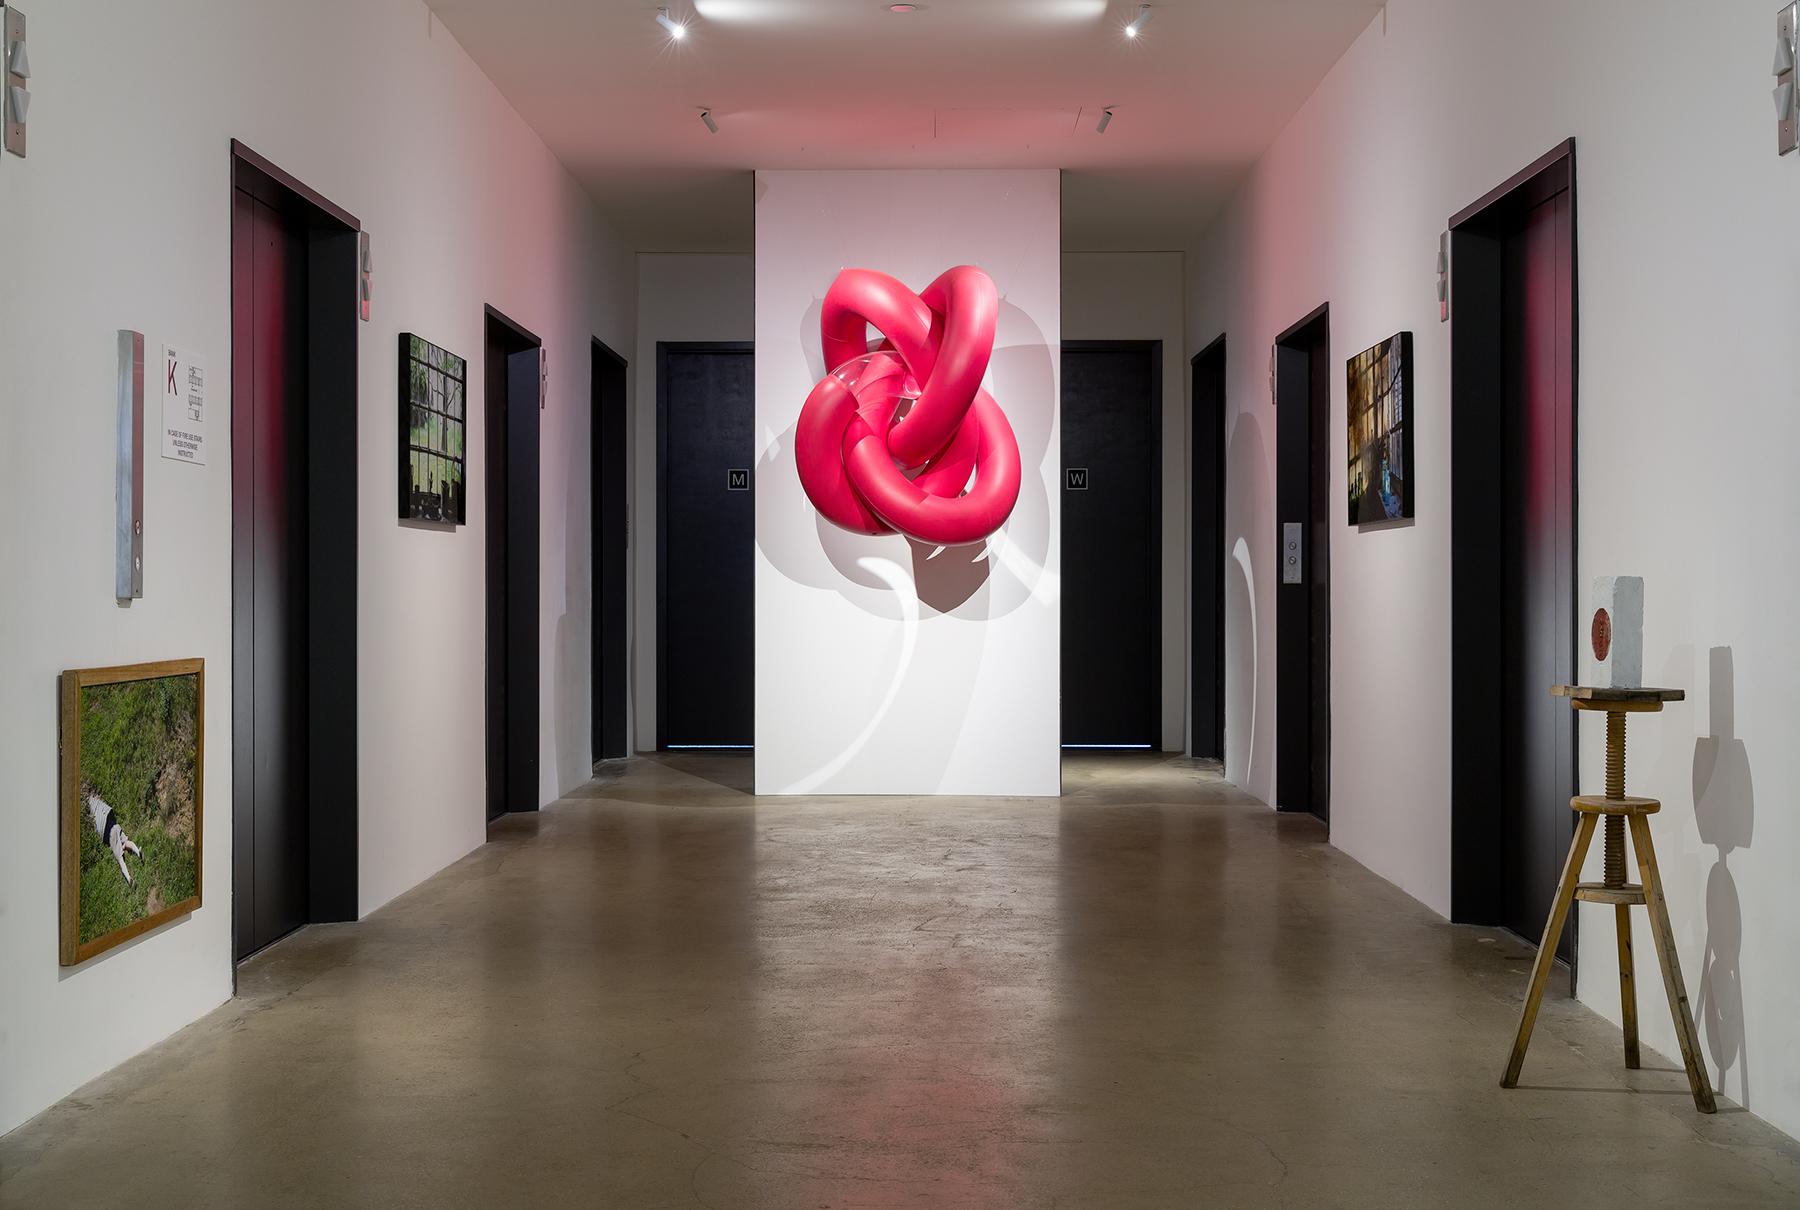 2017 installation at Morris Adjmi Architects, NY